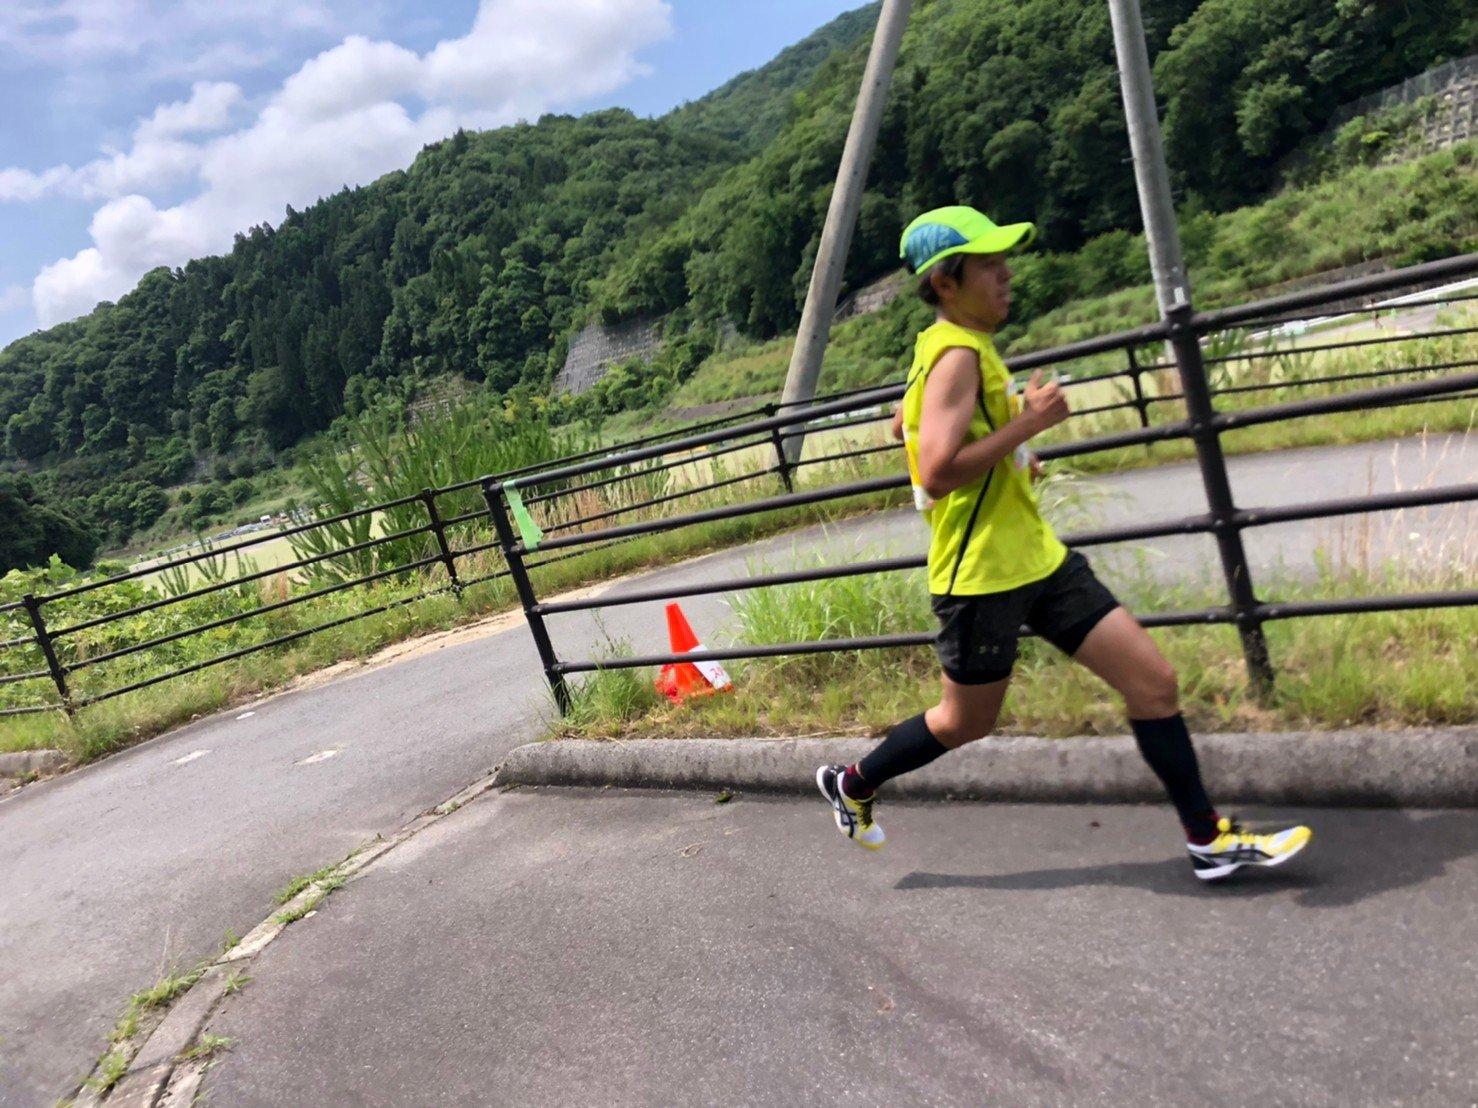 第3回仁賀ダムマラソン大会【ハーフマラソンの部】のイメージその1